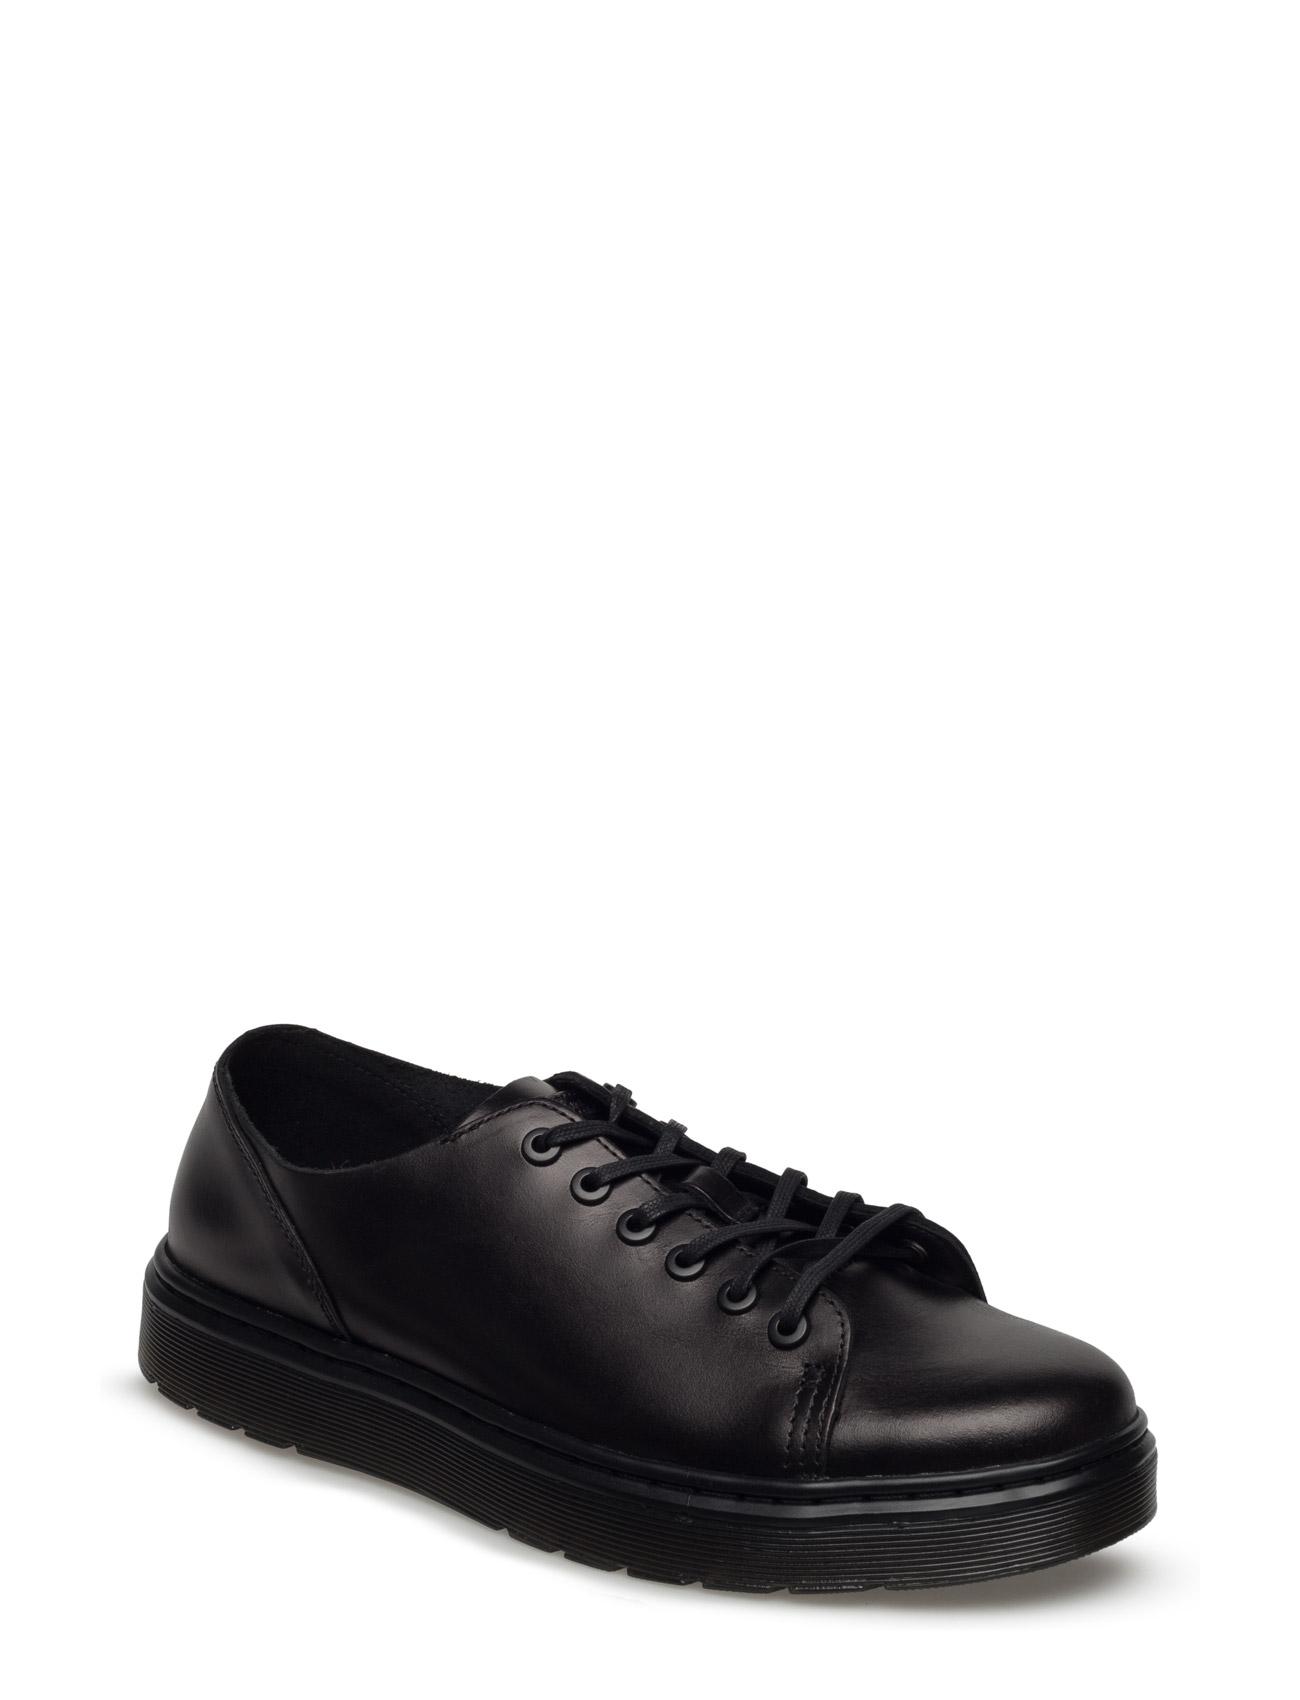 Dante Dr. Martens Sneakers til Herrer i Sort